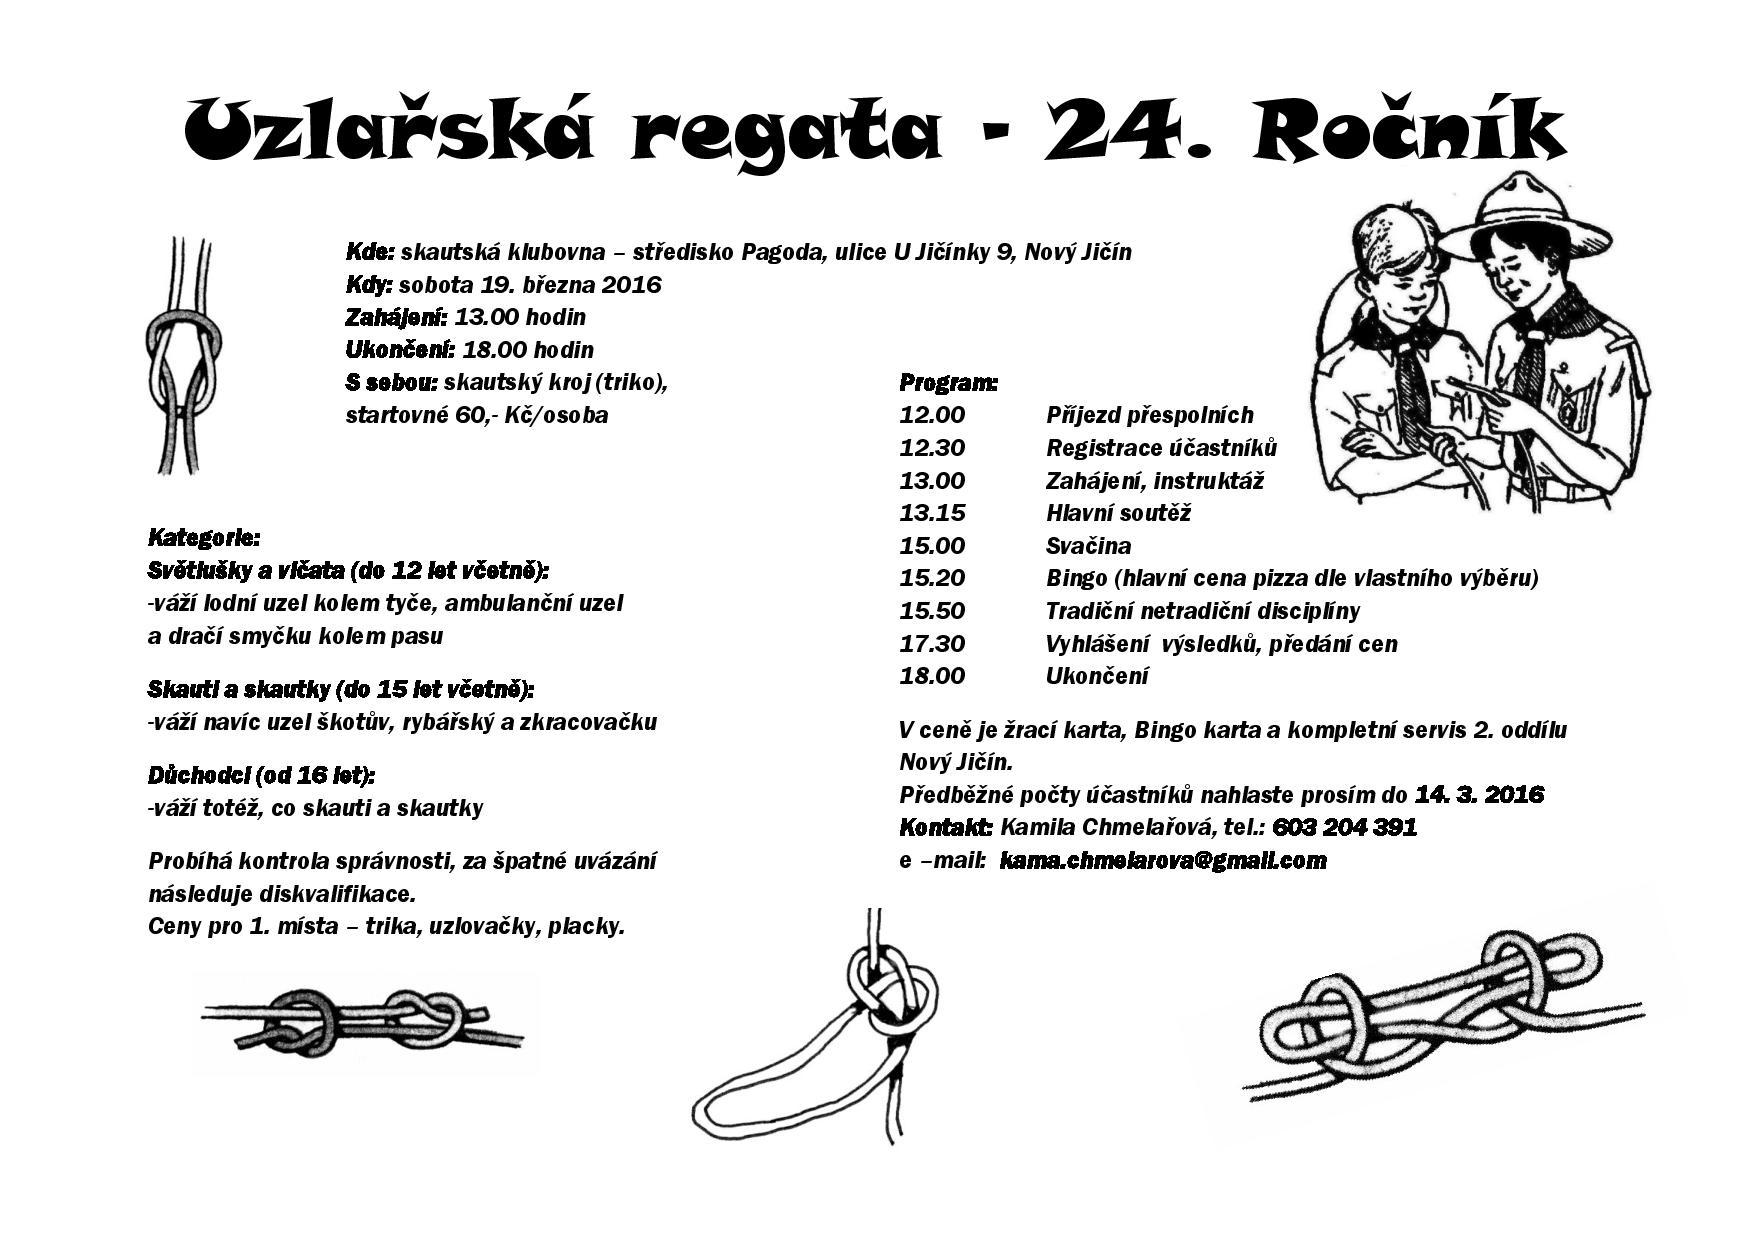 Uzlarska-regata-16-page-001